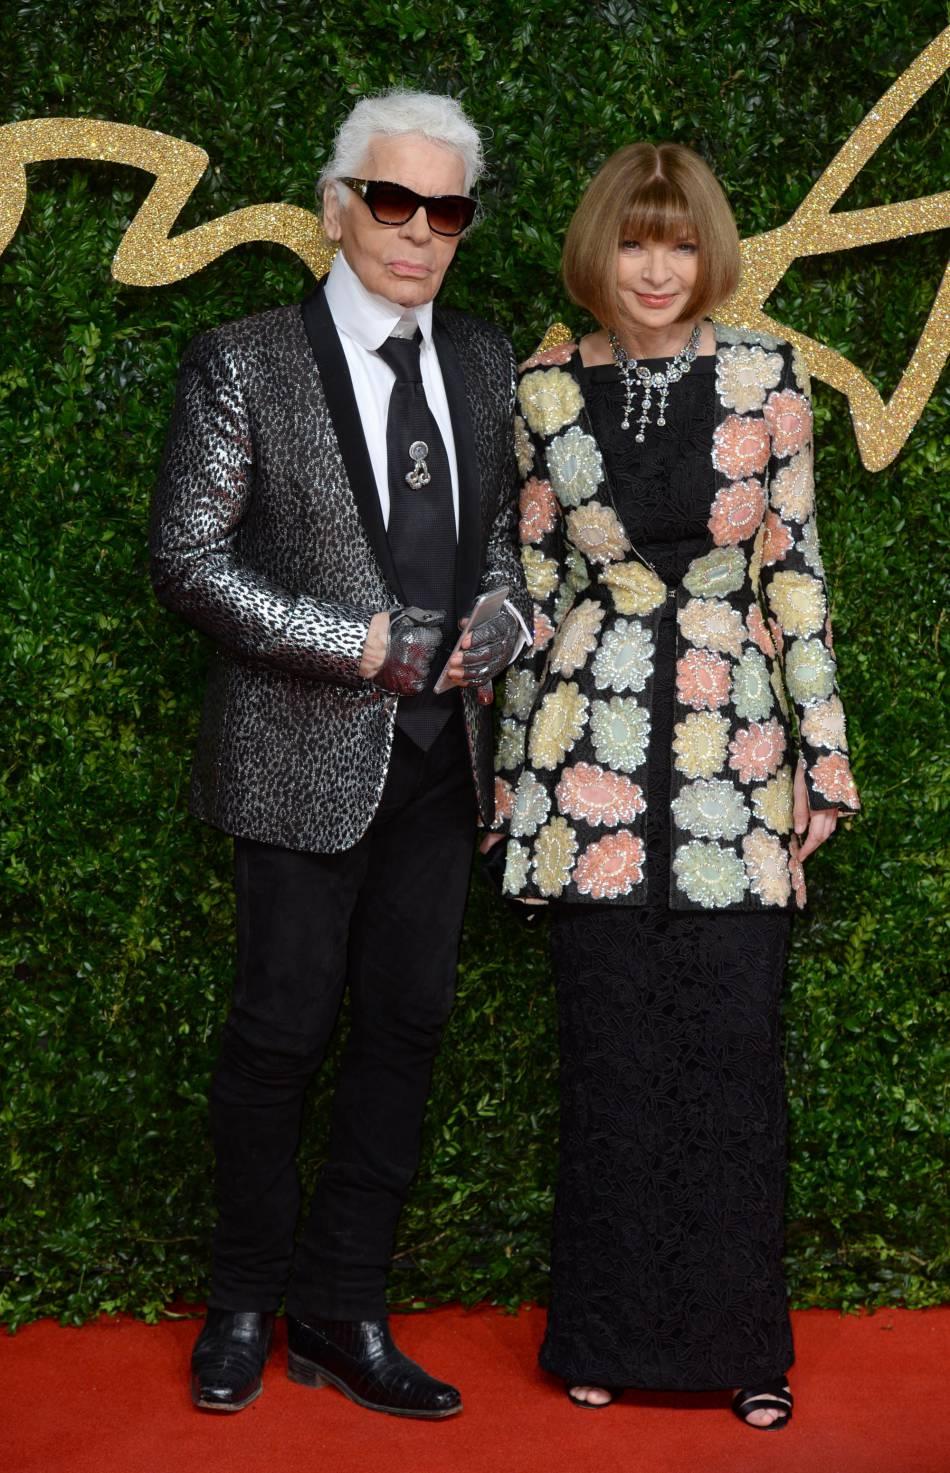 """Karl Lagerfeld, ici à côté d'Anna Wintour a reçu le Bristish Fashion Award de la """"réussite exemplaire dans la mode""""."""